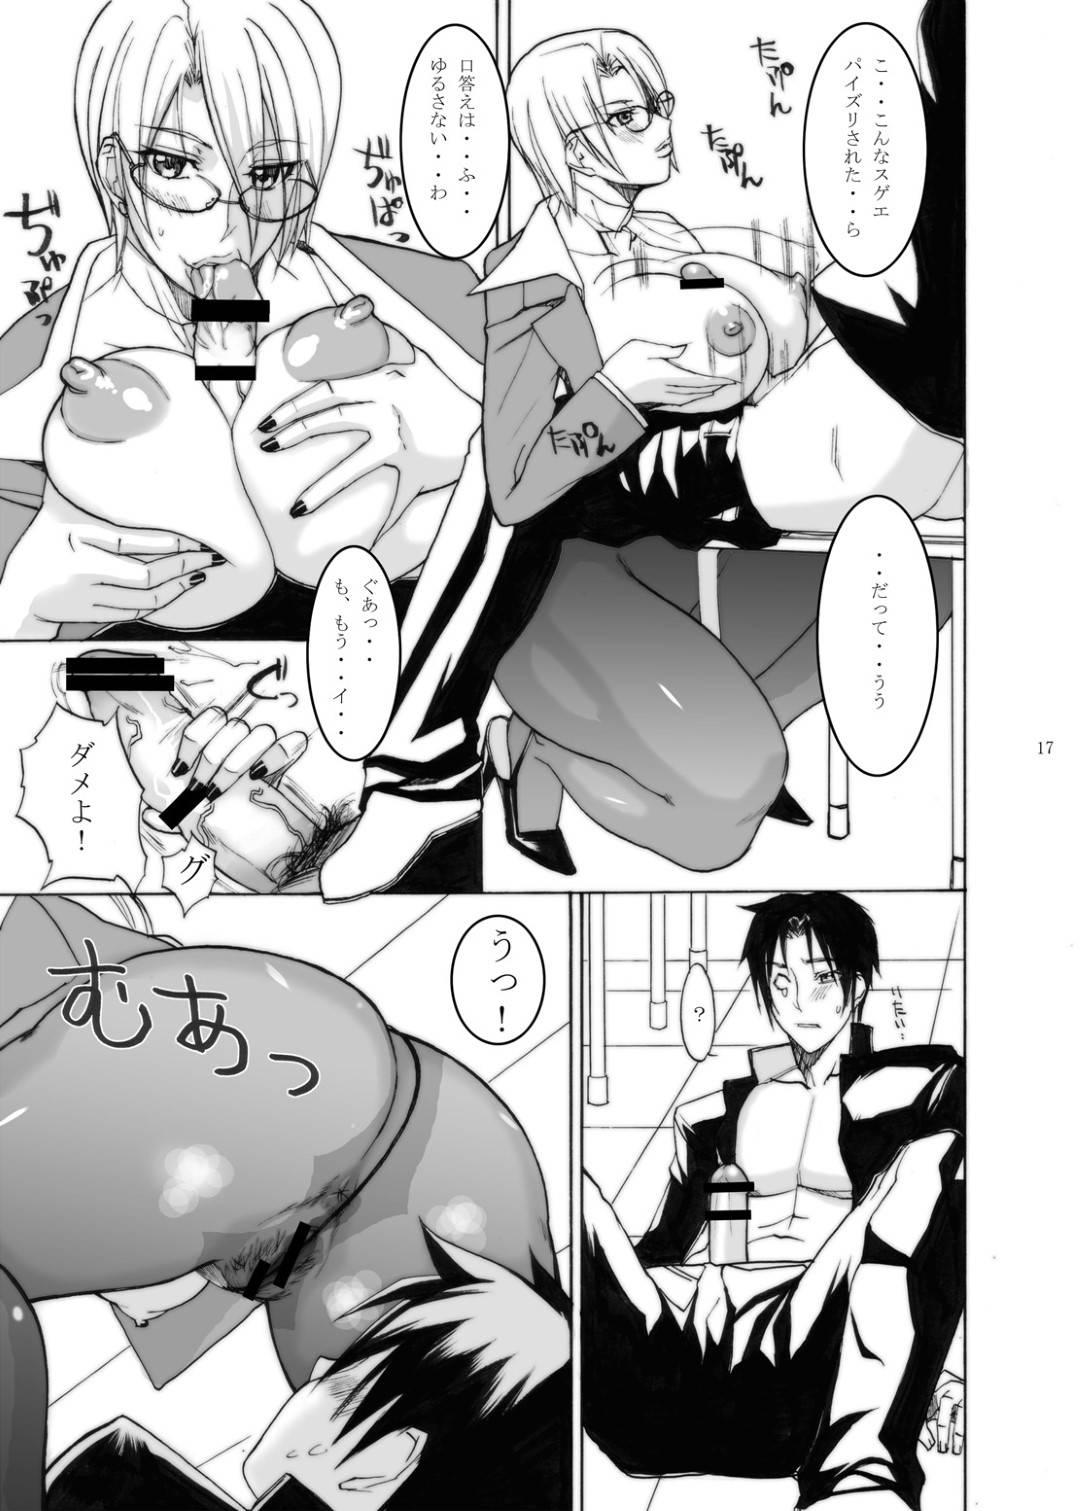 【ソウルキャリバーエロ漫画】男は気がつくと教室で補習をさせられており、女教師にノーパンストッキングで誘惑され生ハメセックス【御堂つかさ】